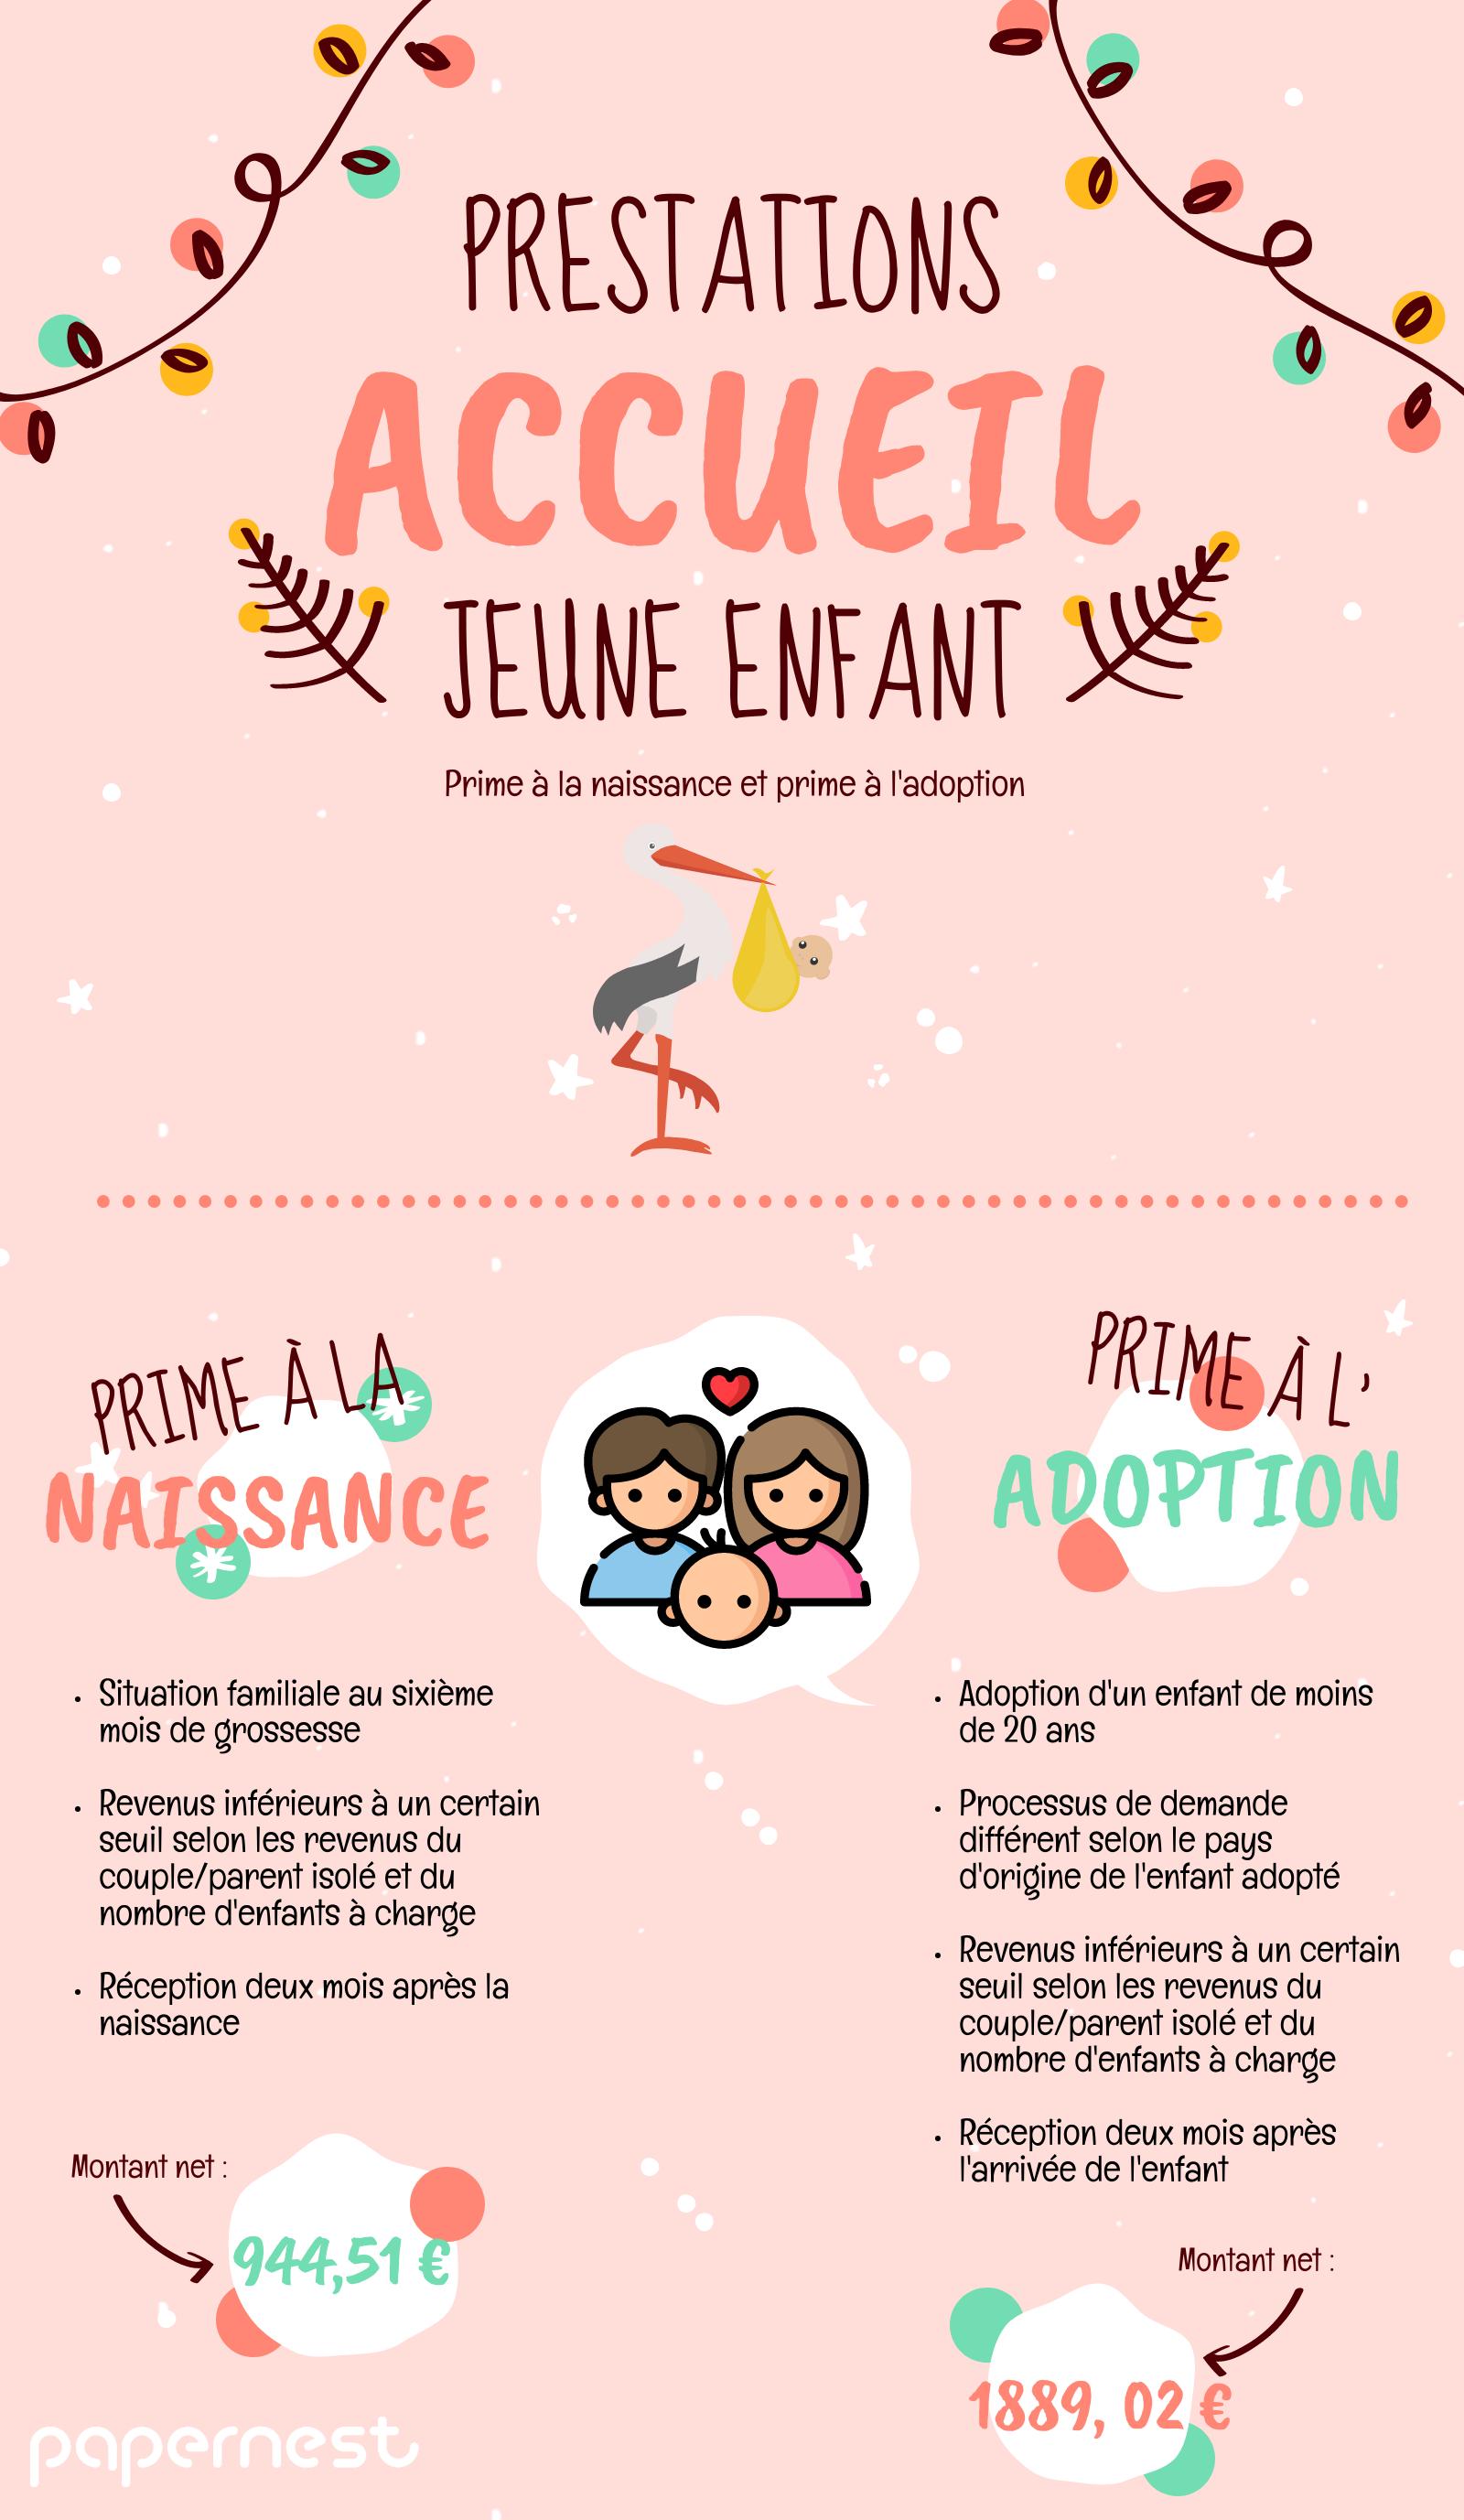 Prestation Accueil Jeune Enfant PAJE naissance adoption Infographie